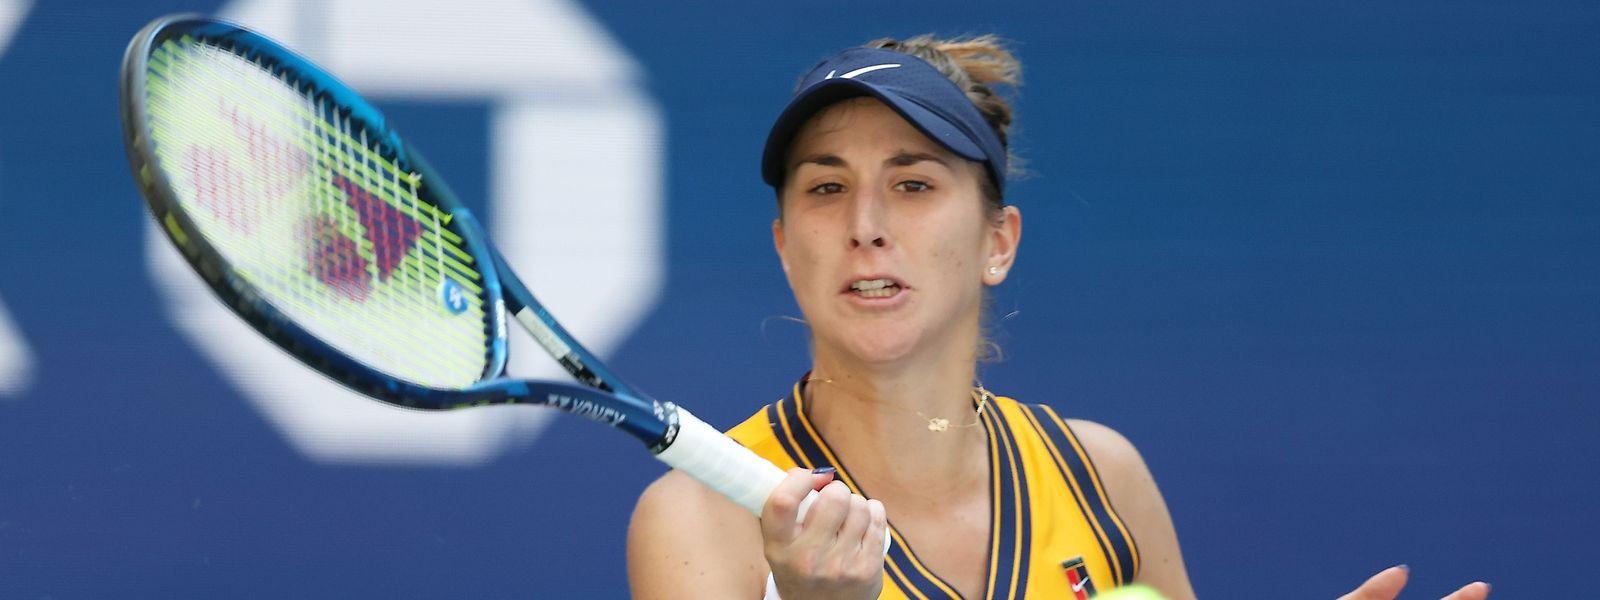 Belinda Bencic ist nach ihrem Aus bei den US Open bereit für das Turnier in Kockelscheuer.